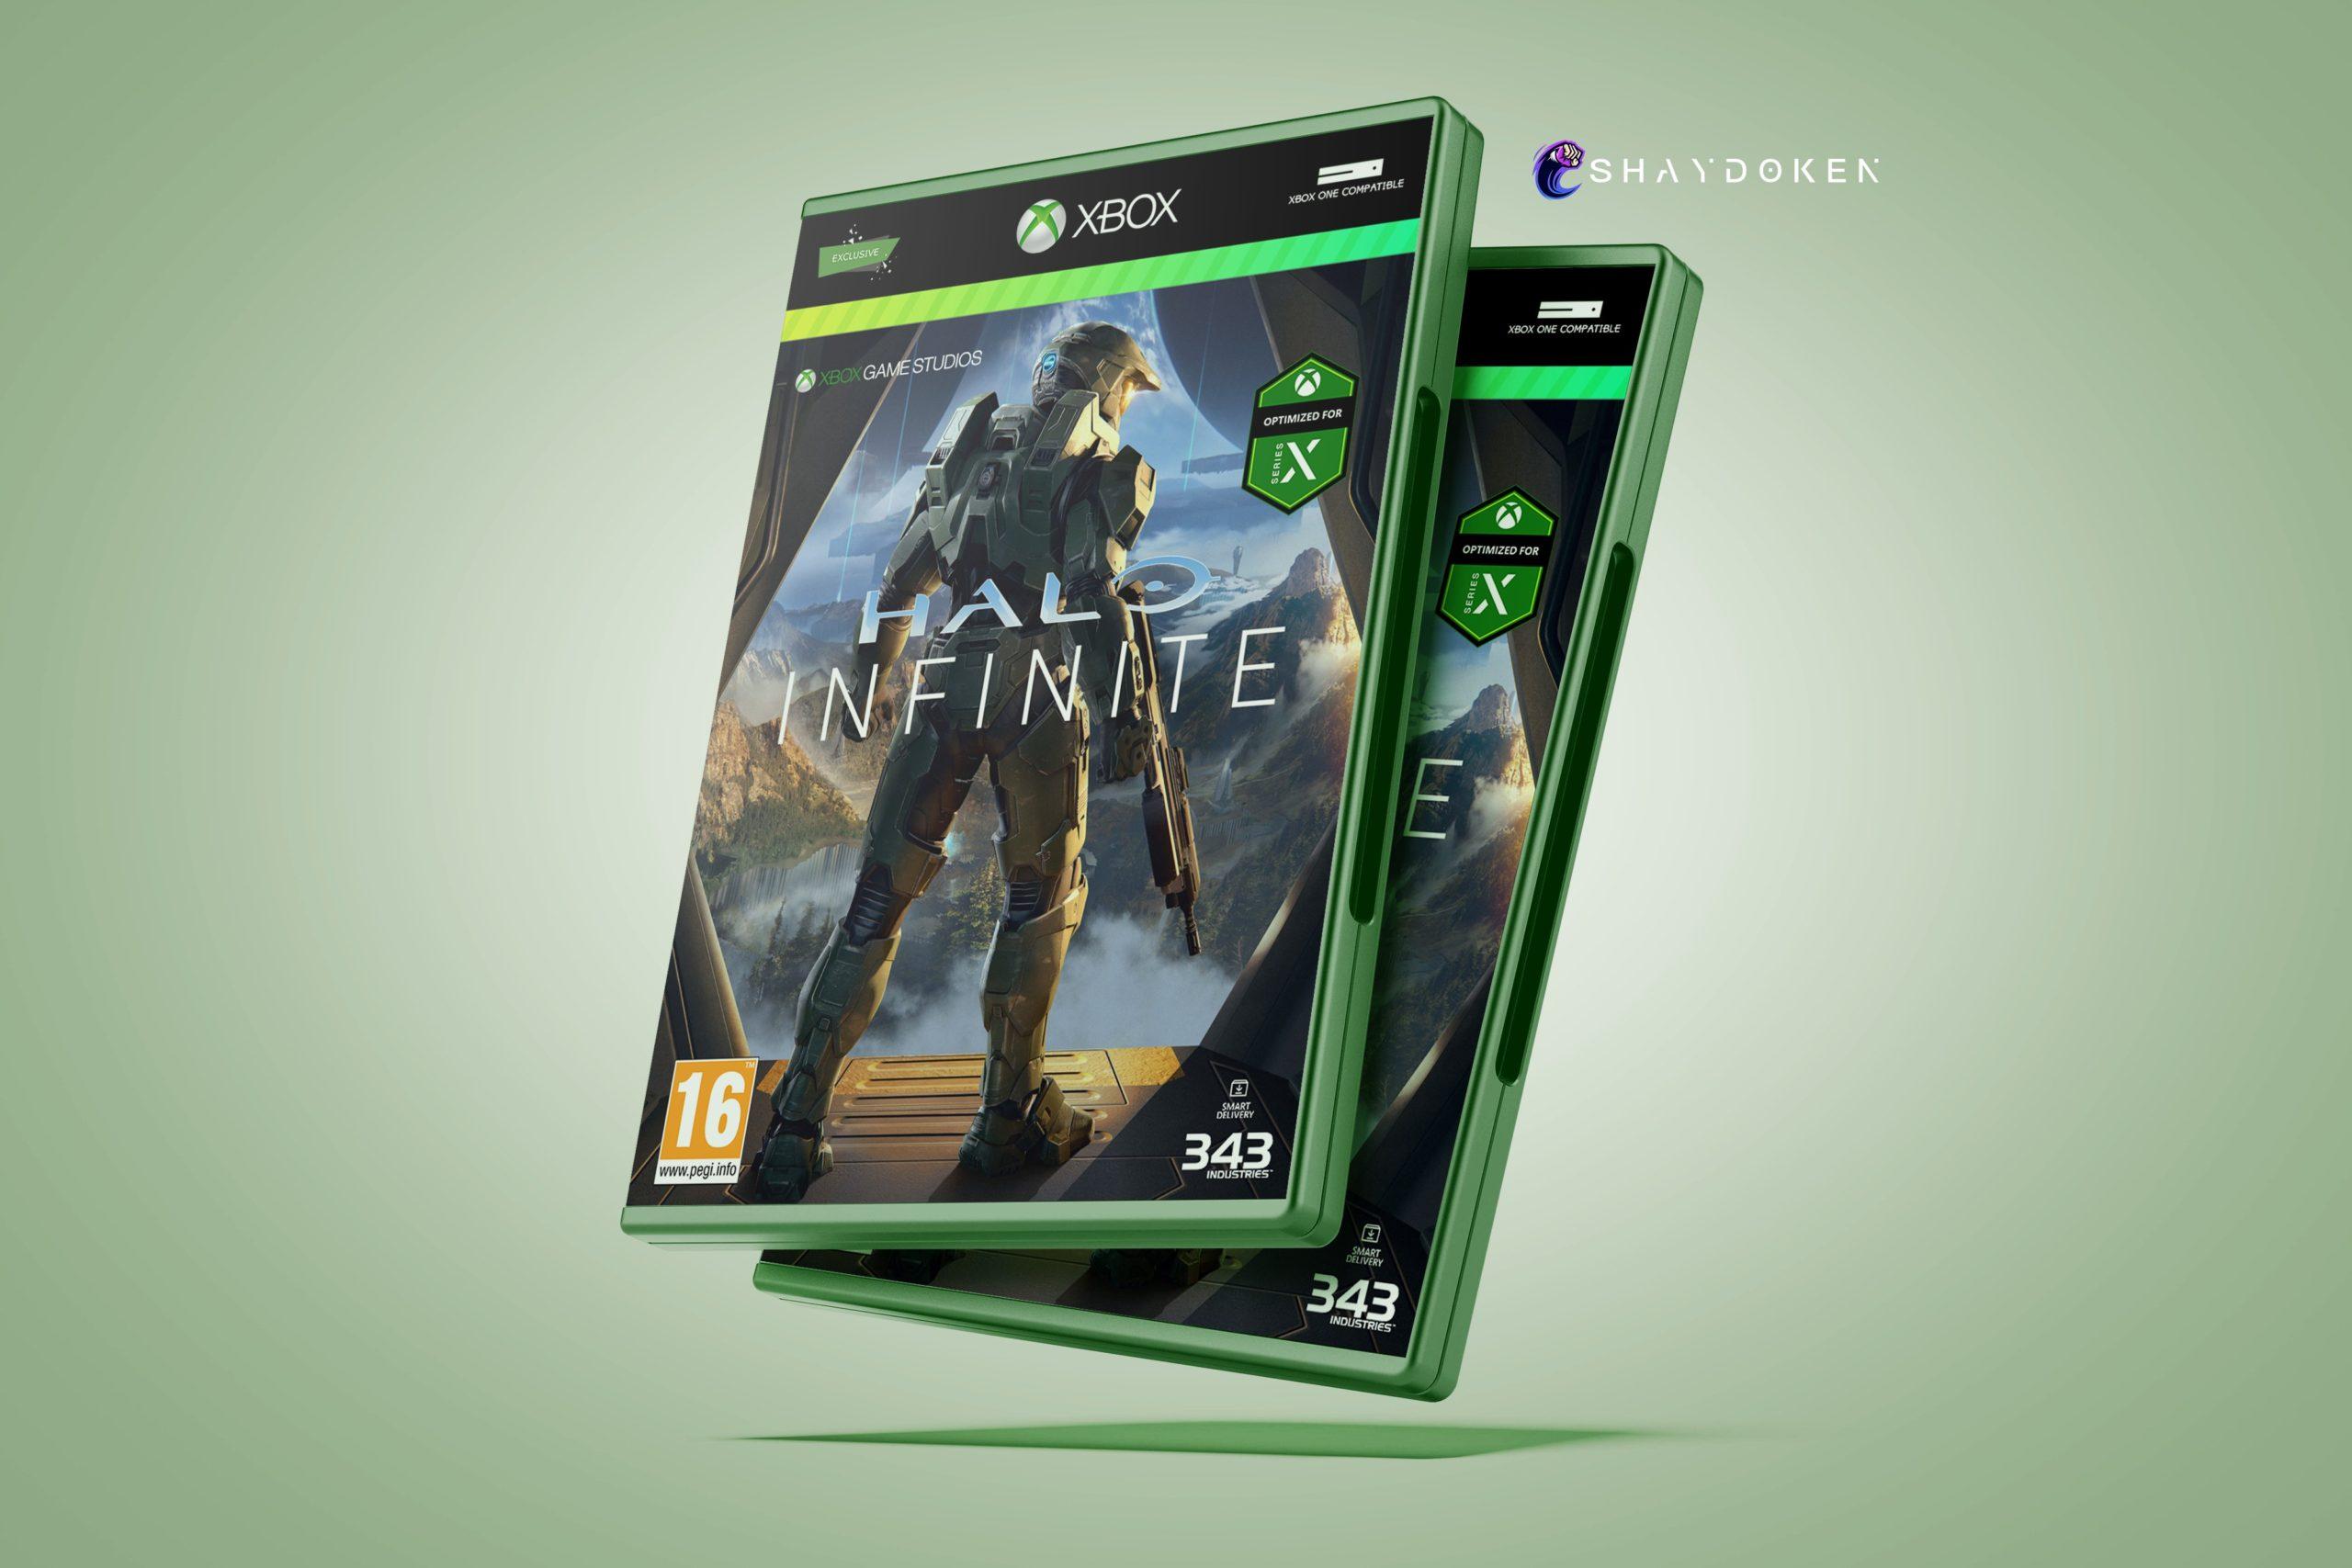 Как должны выглядеть обложки дисков Xbox Series X: в сети появились концепты